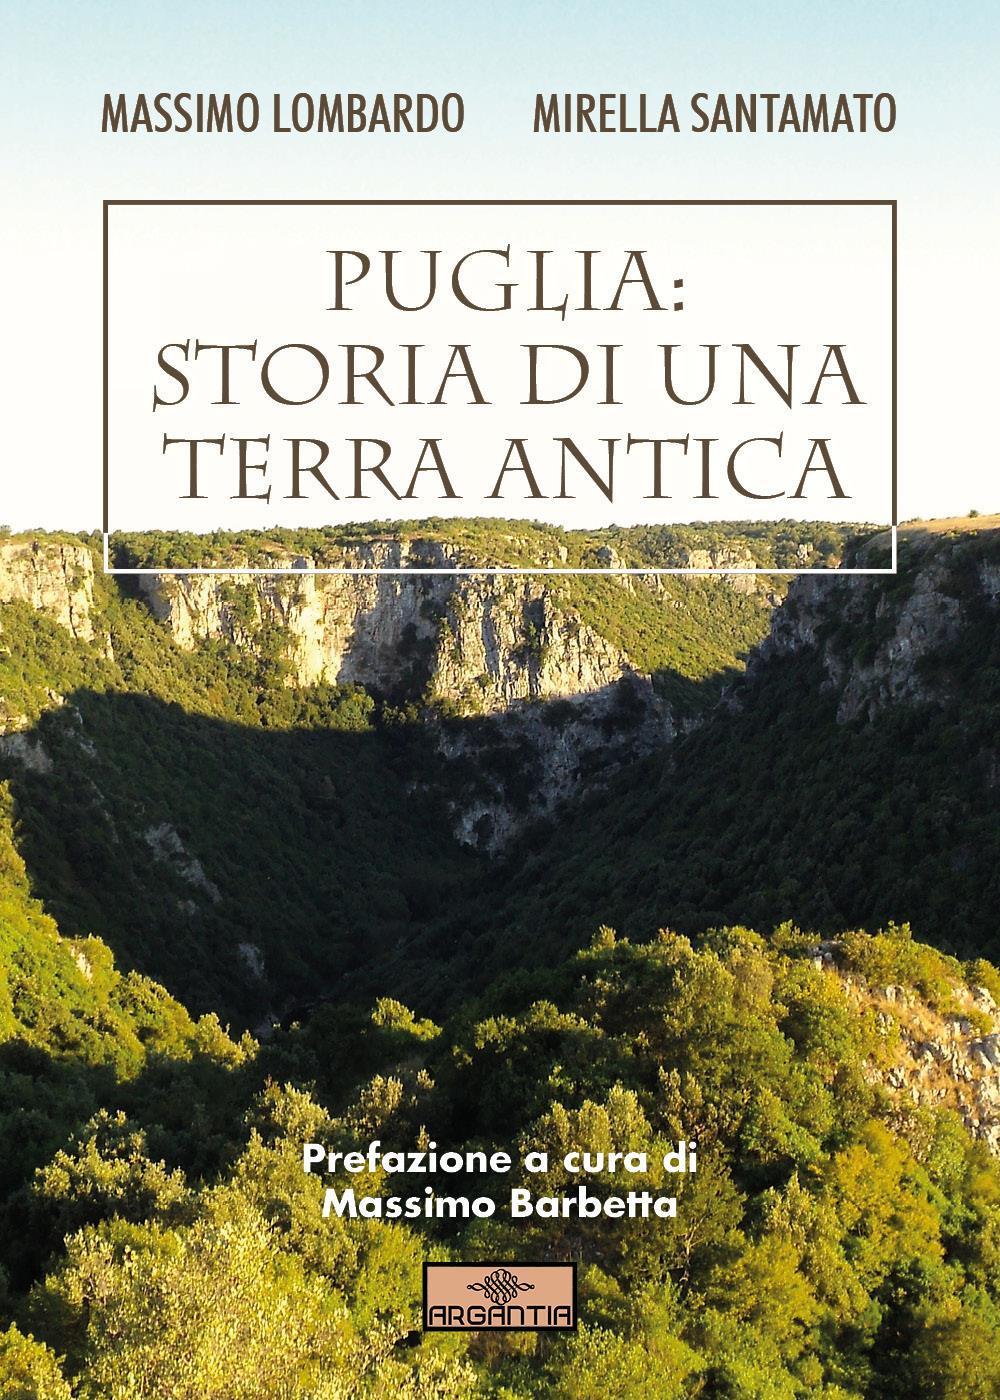 Puglia: Storia di una terra antica